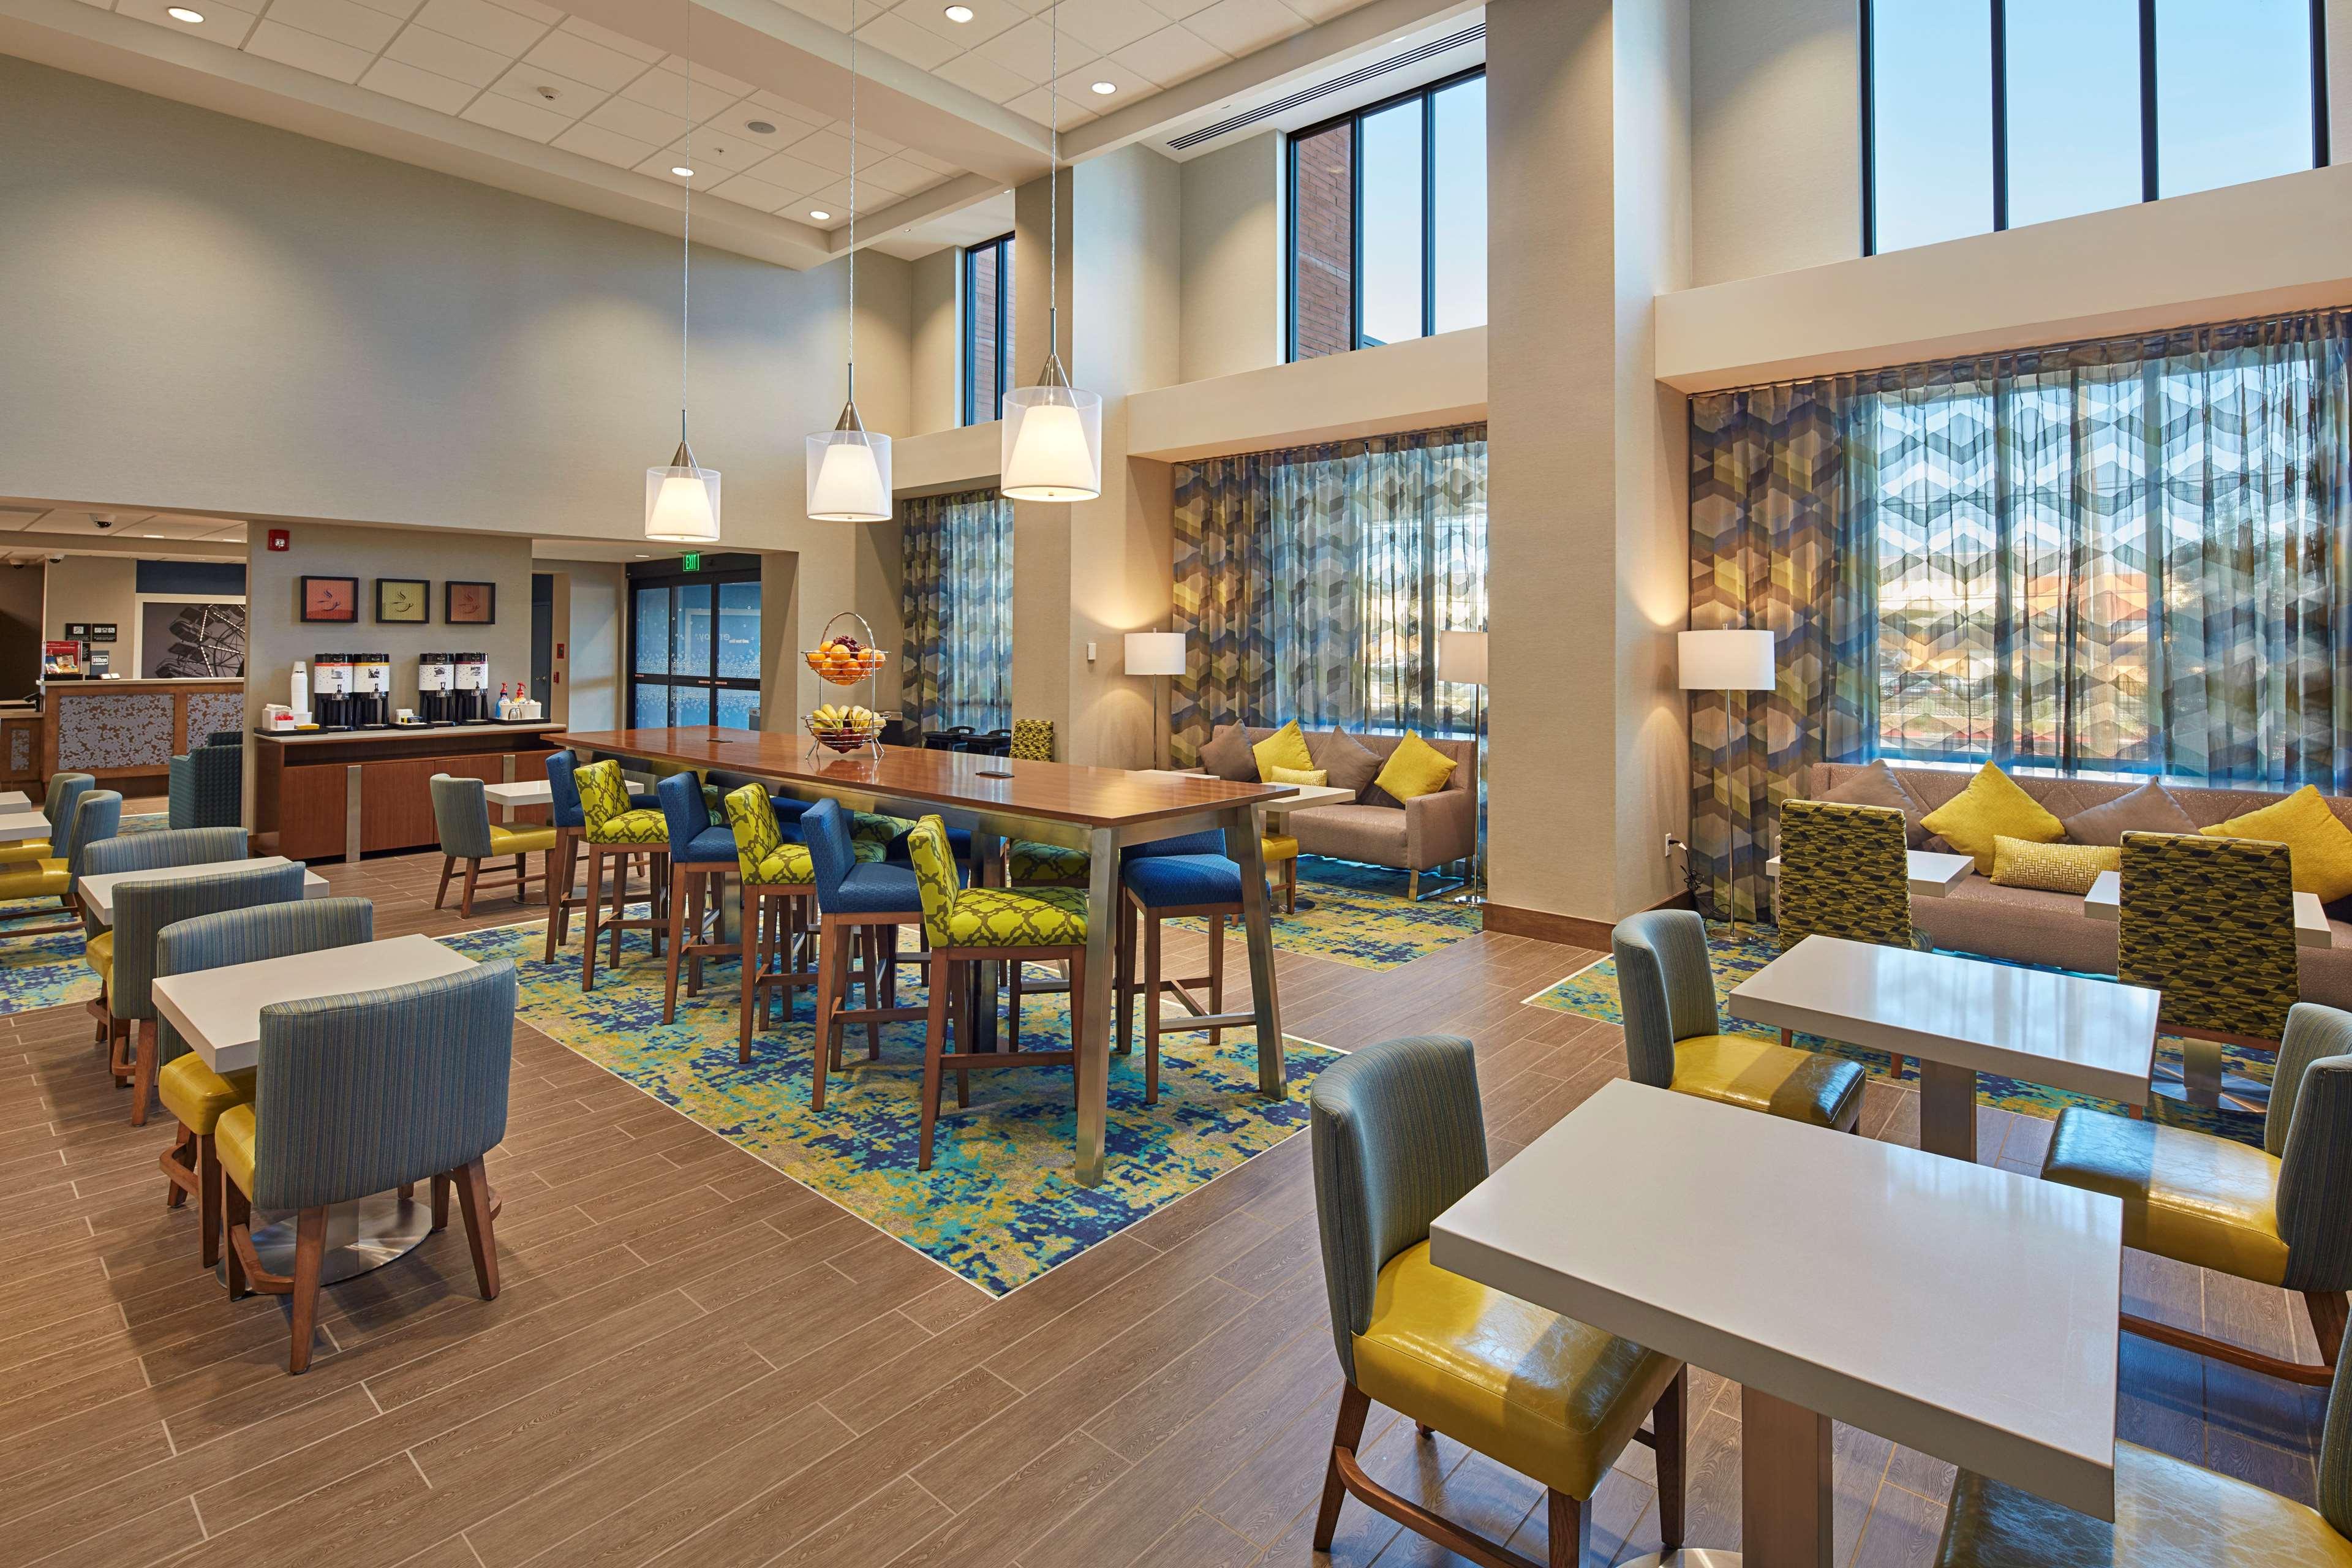 Hampton Inn & Suites Sacramento at CSUS image 4